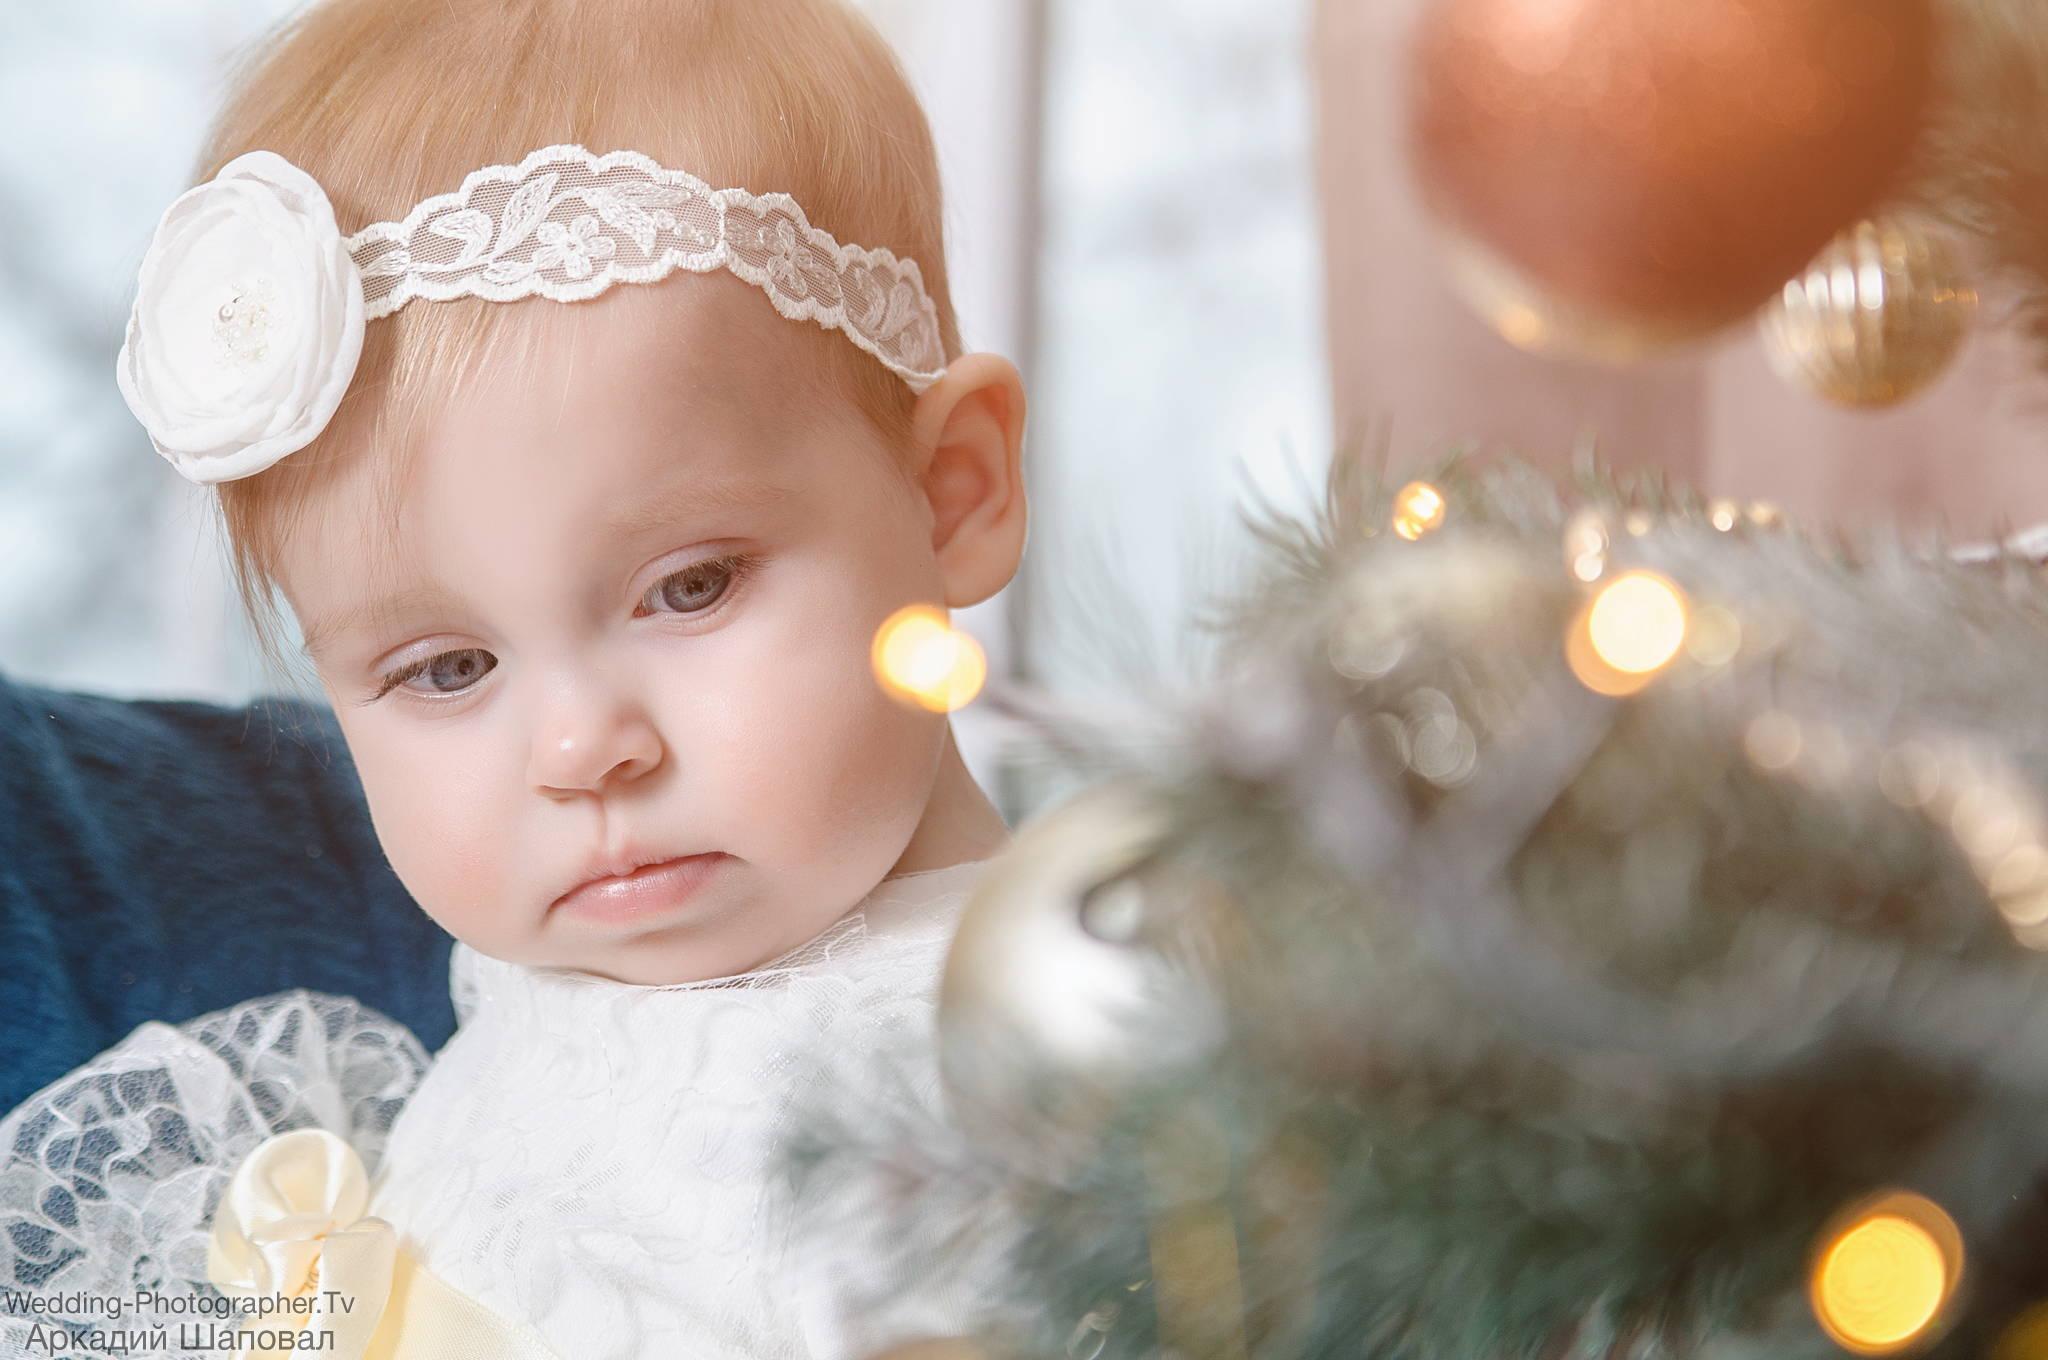 Идеи для фотосессии детей до года 10